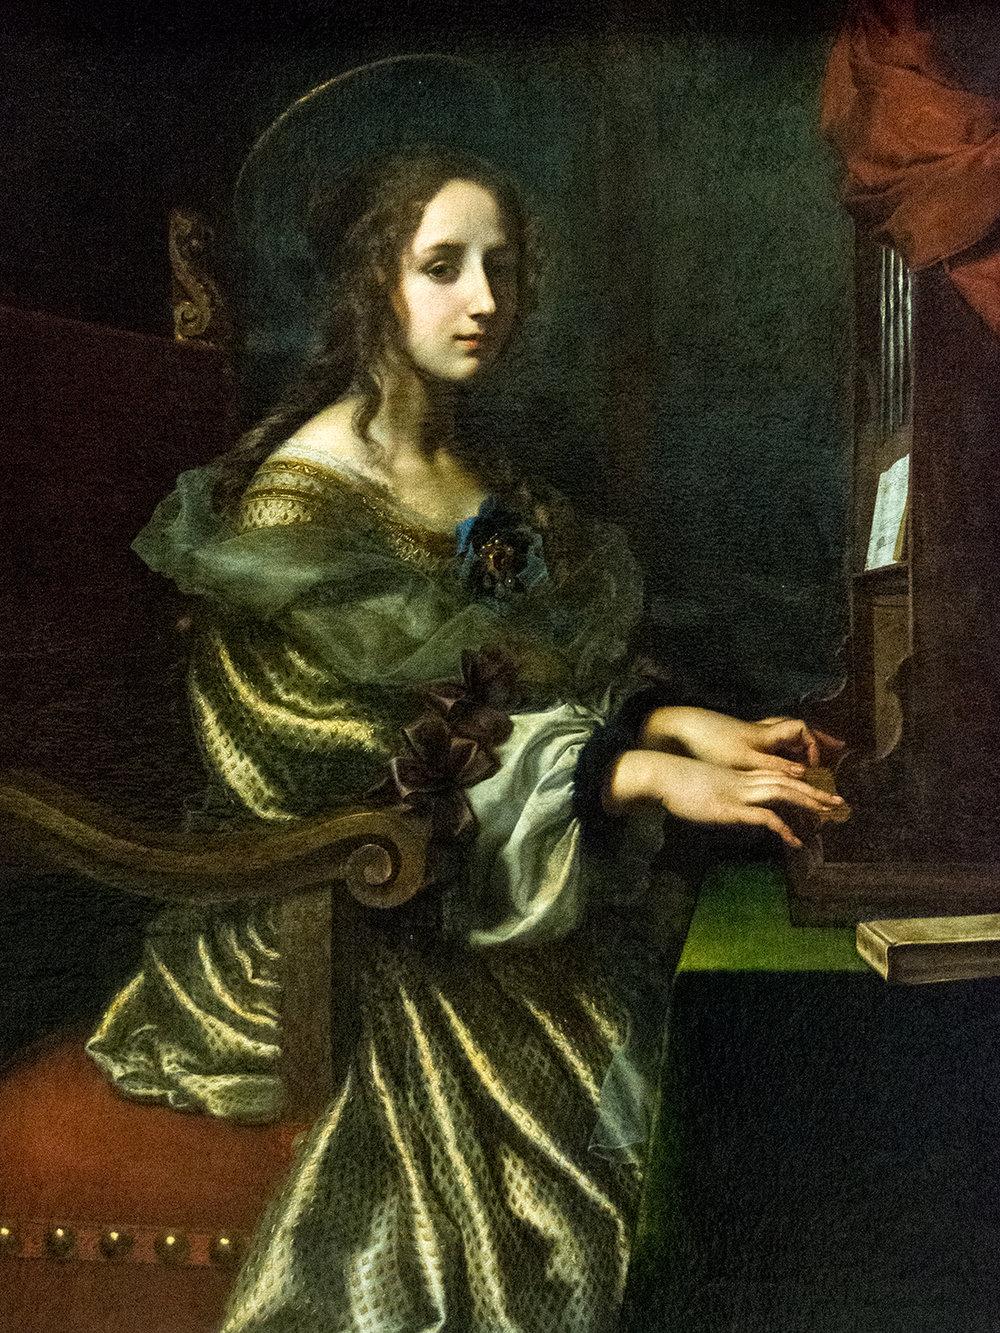 Carlo Dolci (1616-1686), St Cecilia